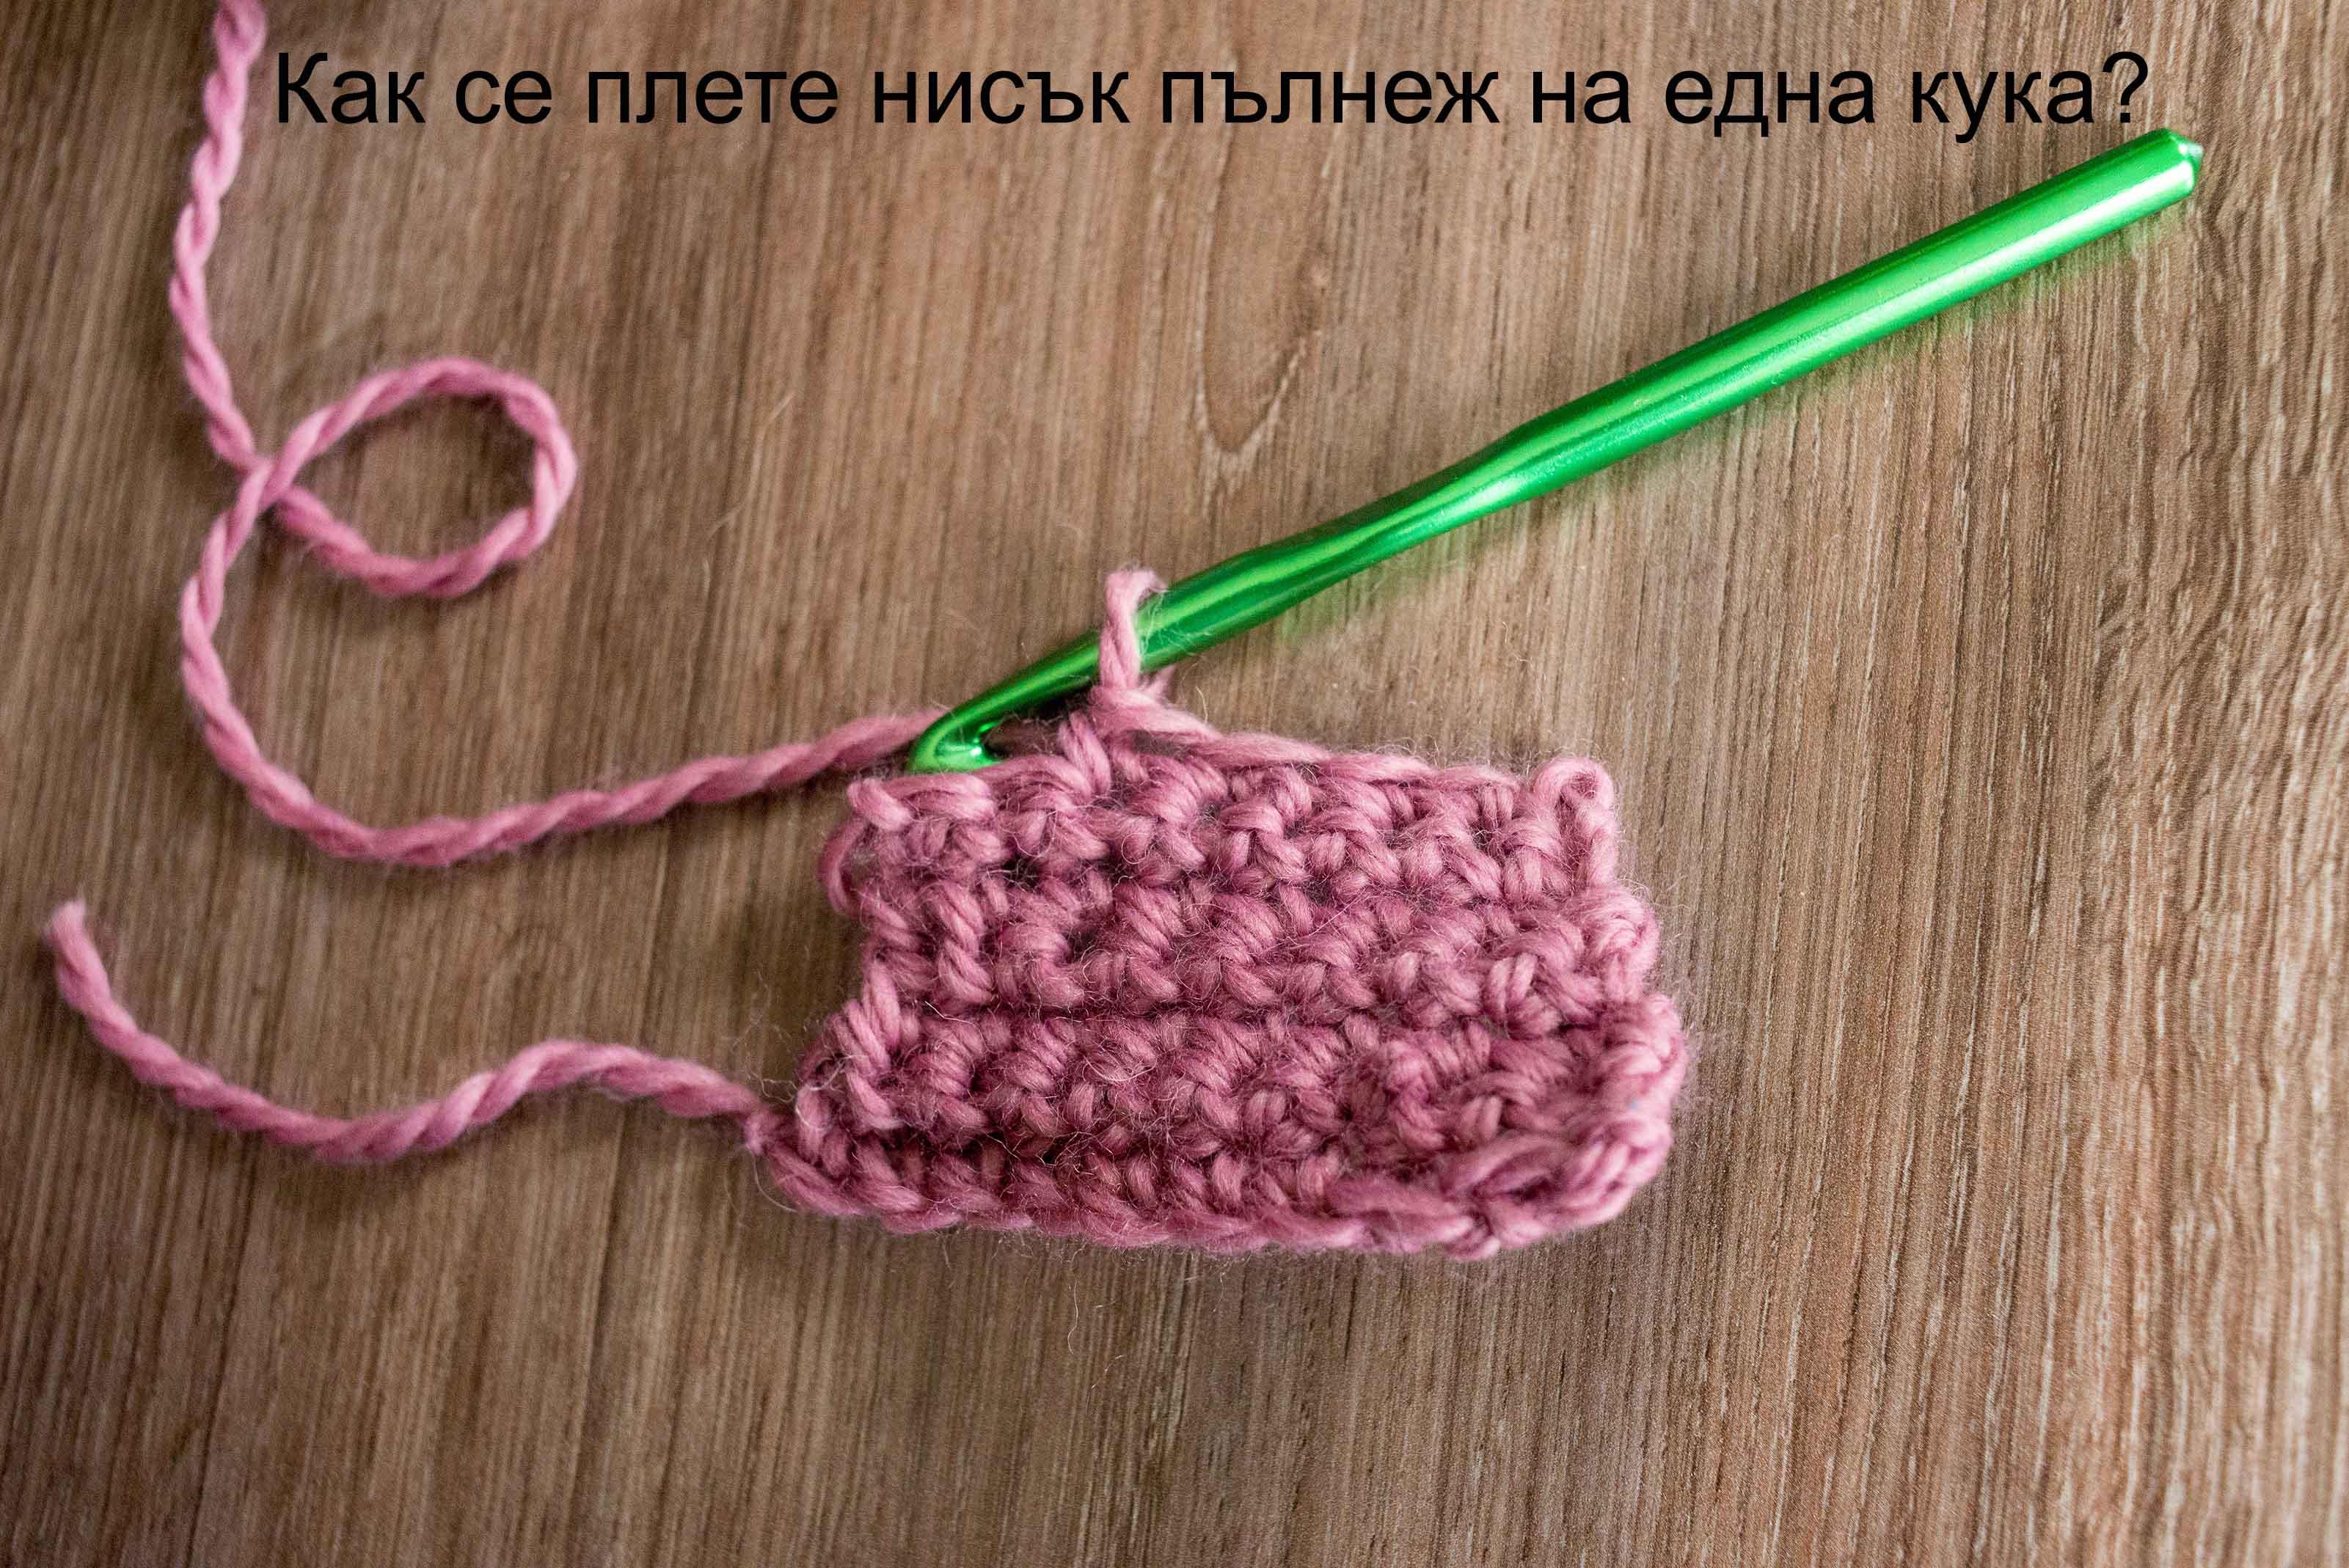 Как се плете на една кука? – нисък пълнеж